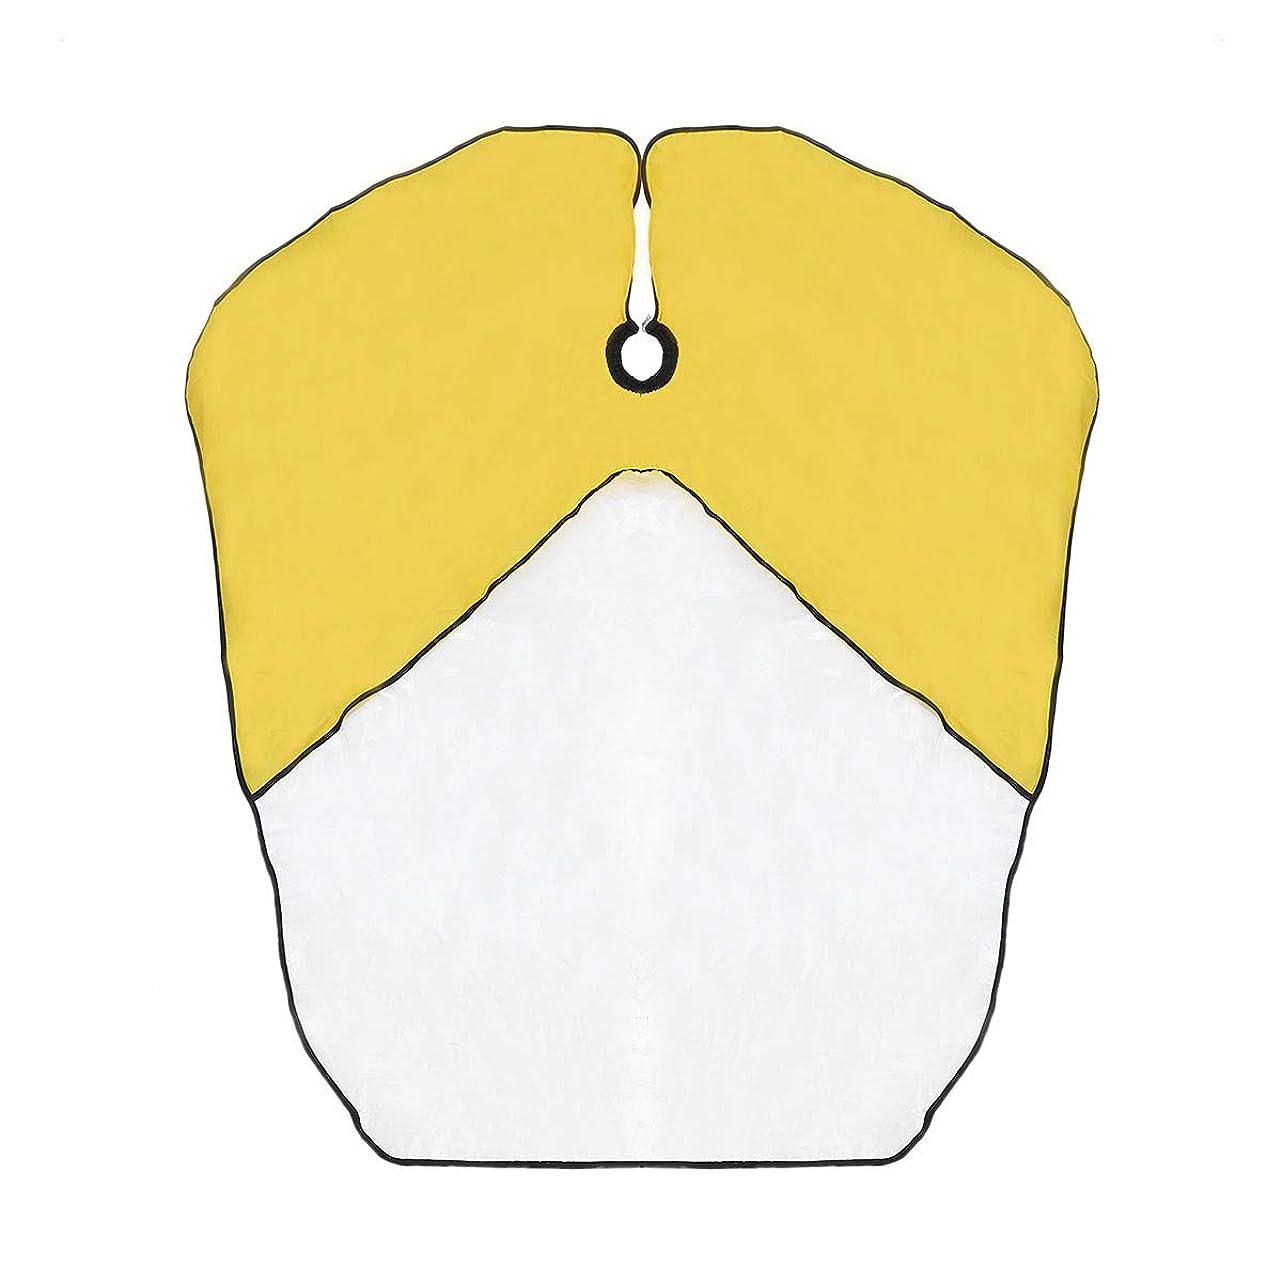 単位頭痛気づかないSUPVOX キッズ防水ヘアカットケープベイベー布子供キッチンキャッチャーエプロンケープ(黄色)